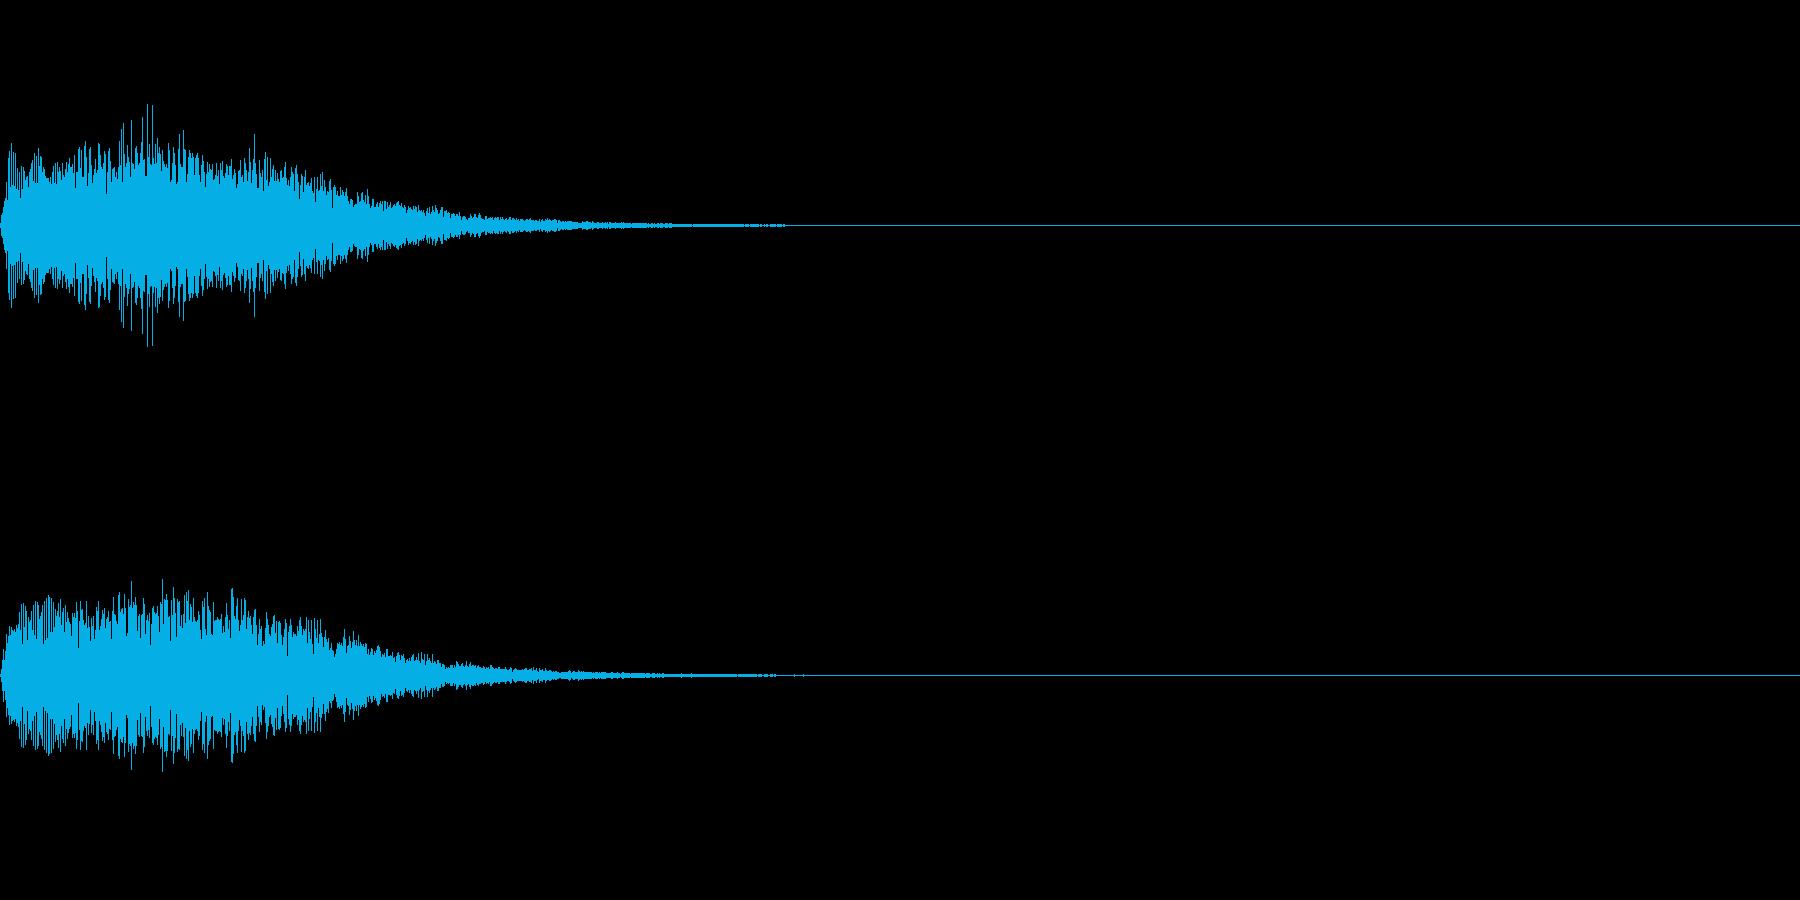 ピロリロン ゲームアプリ起動音スタート音の再生済みの波形